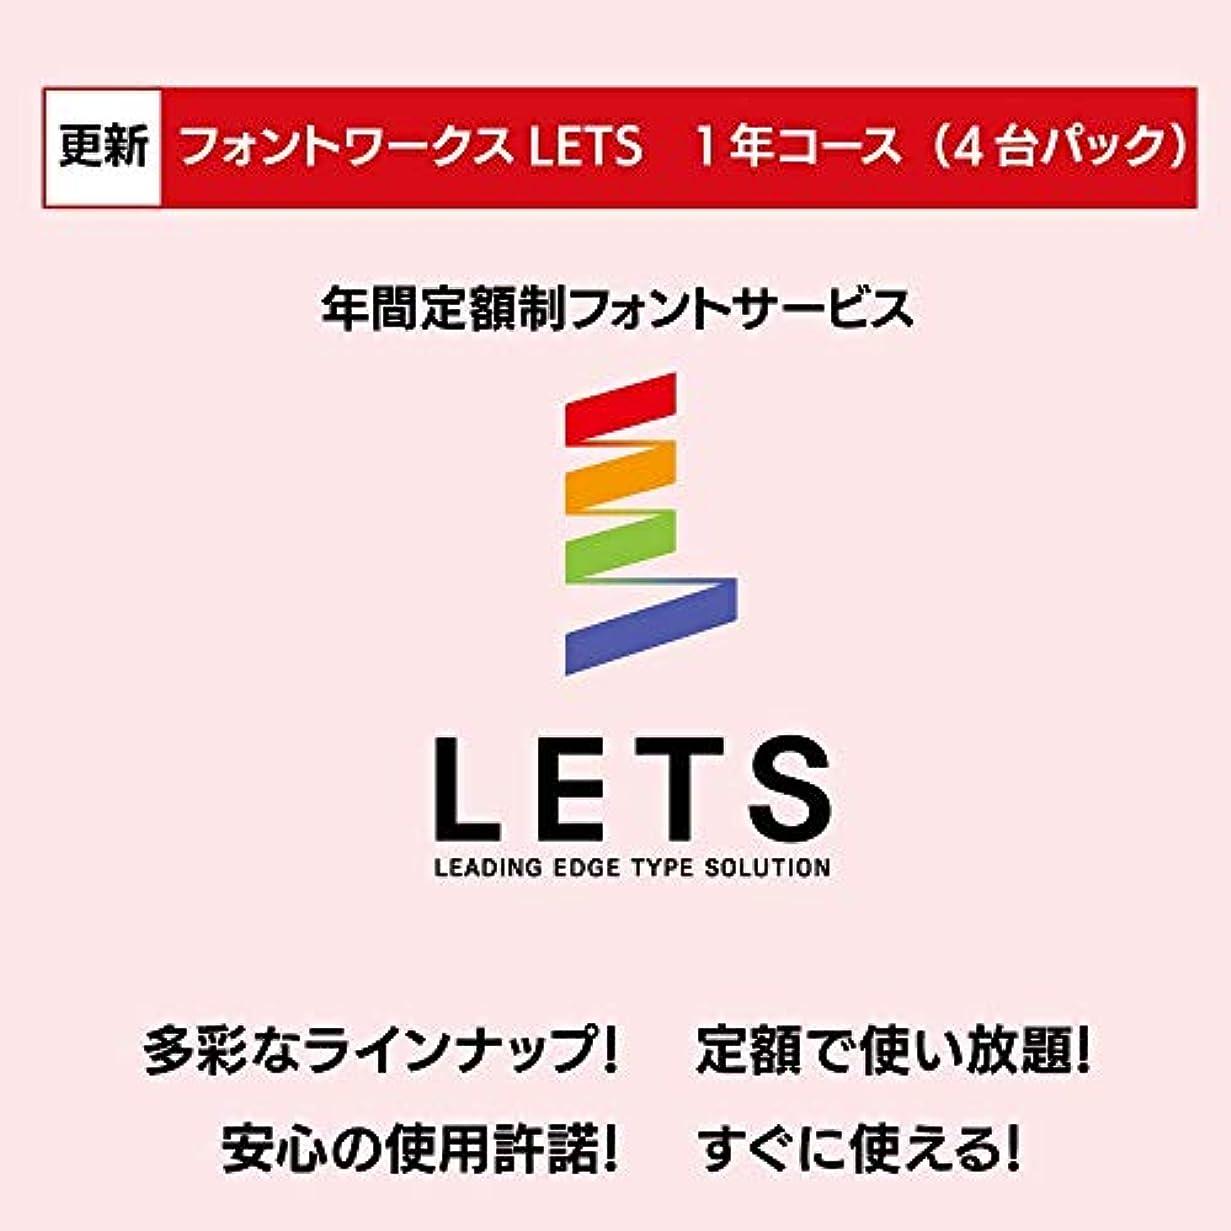 【更新専用】フォントワークスLETS 1年コース (4台パック) オンラインコード版